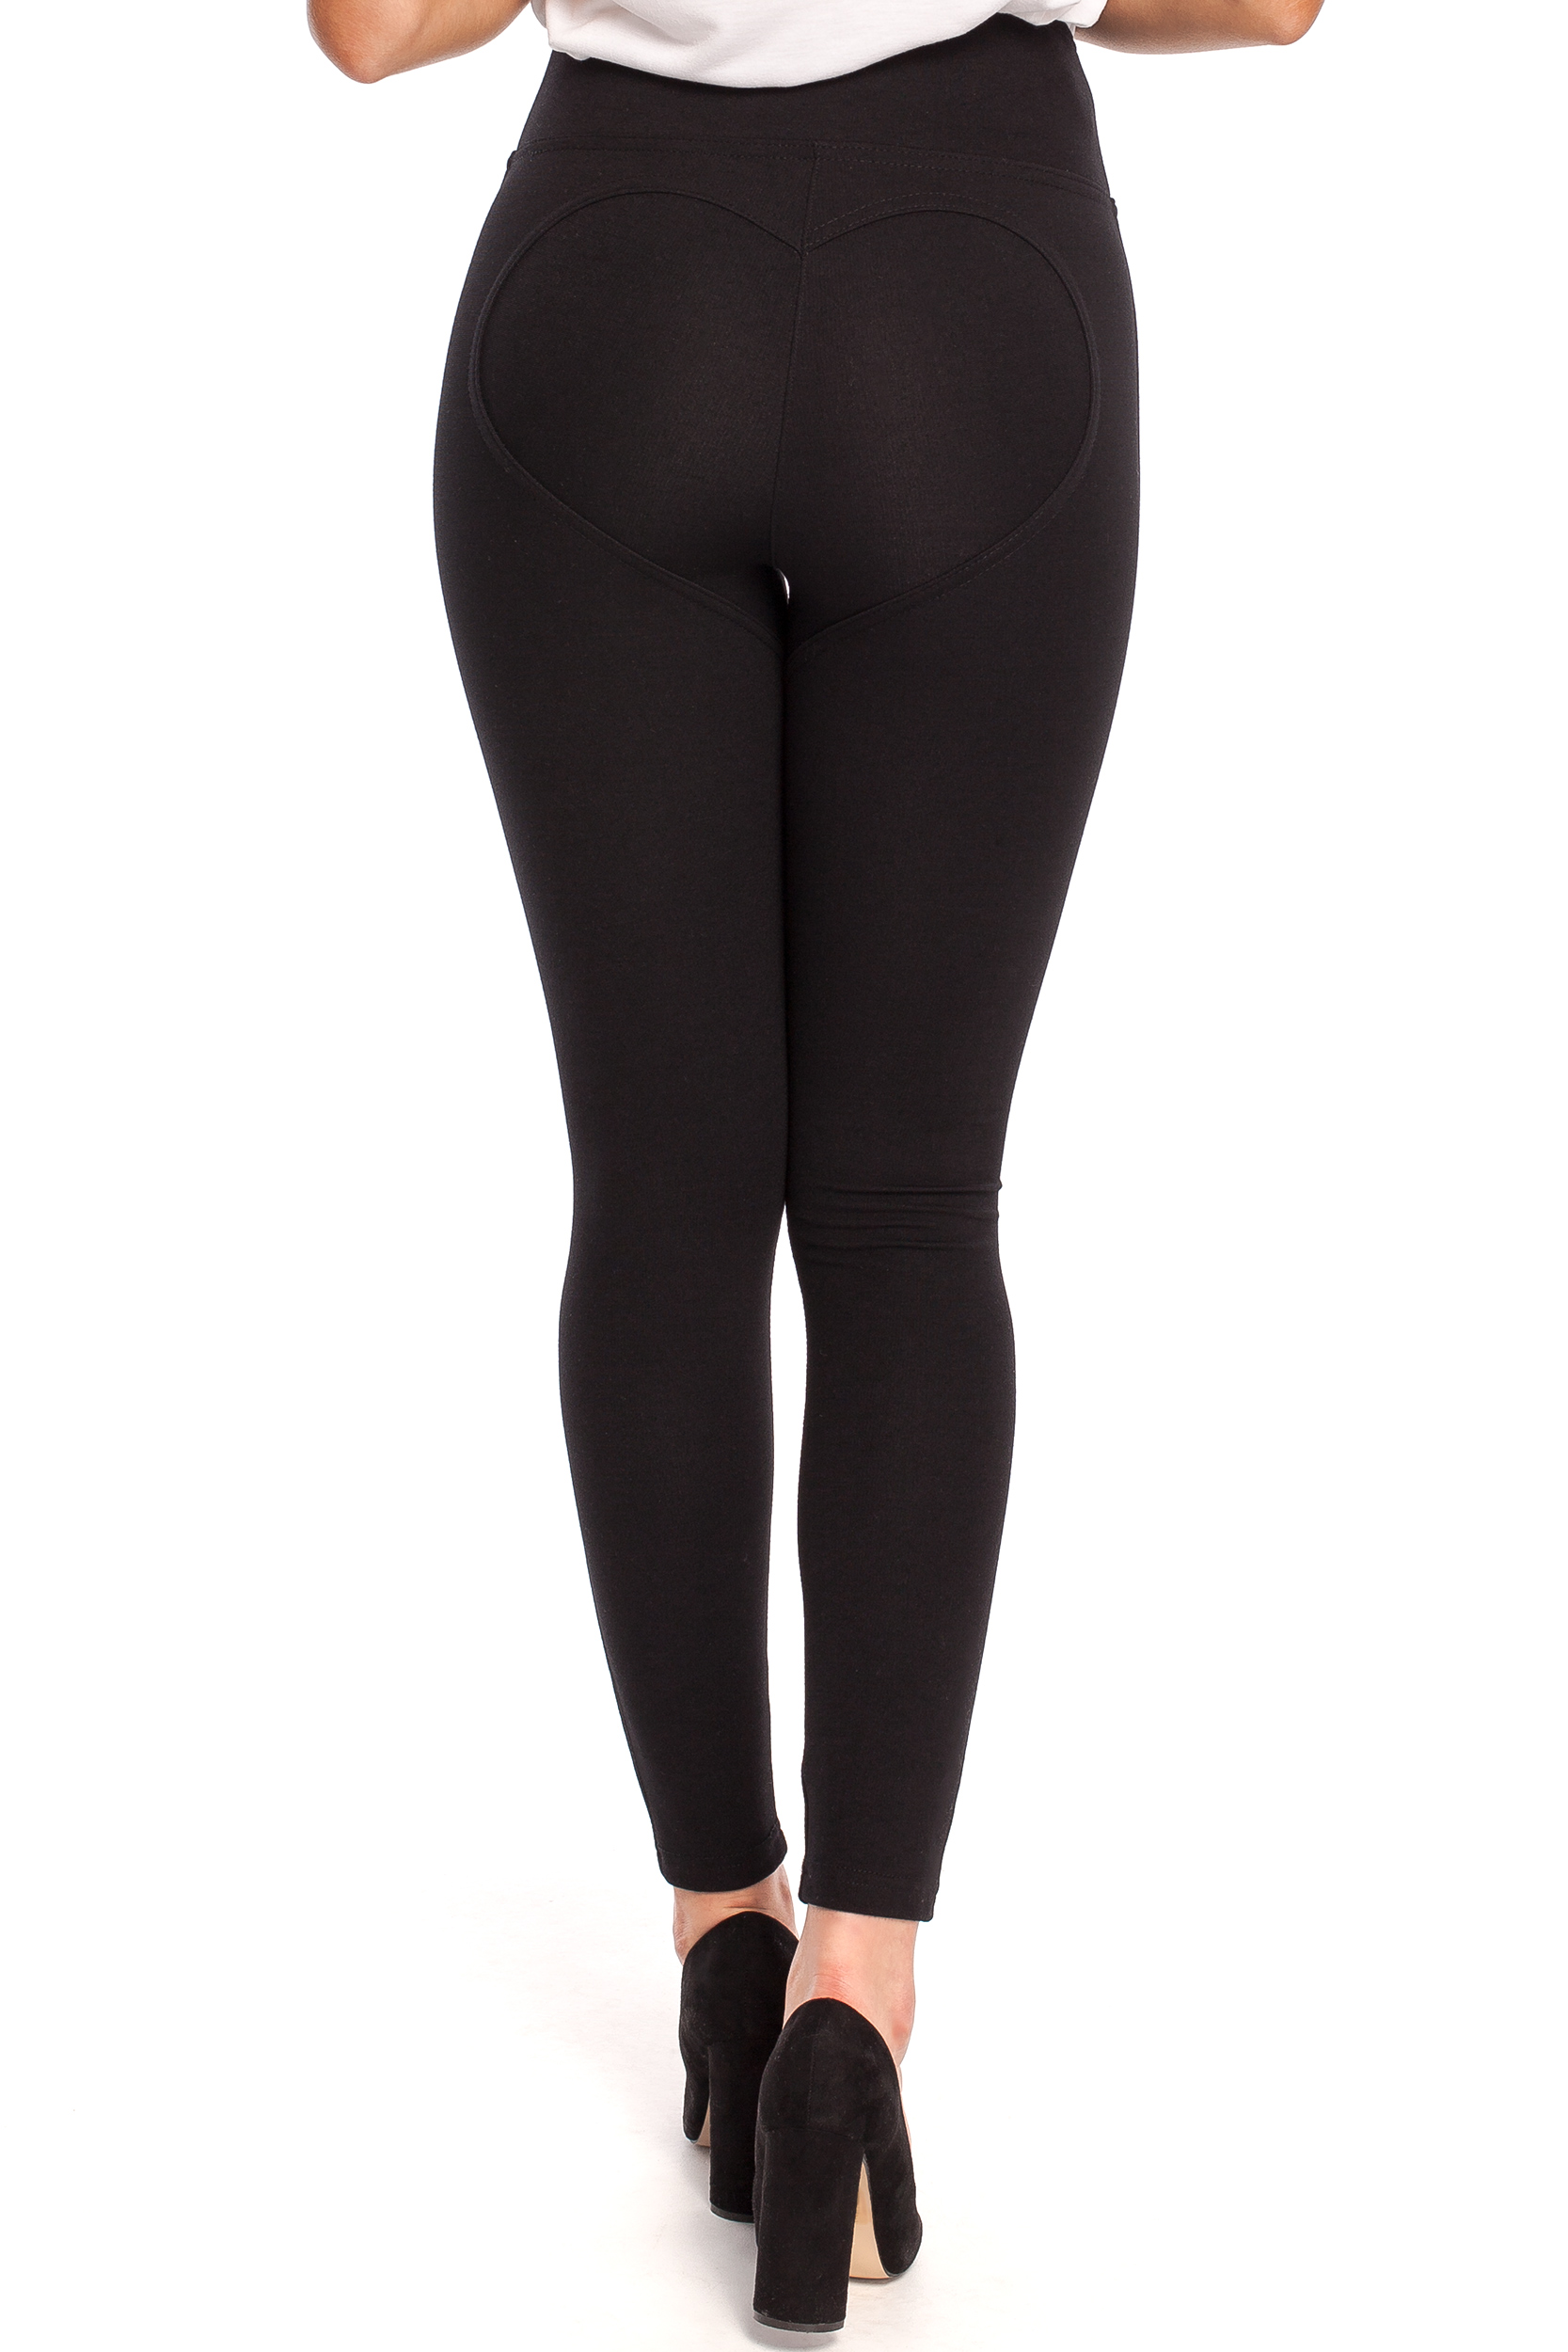 CM4332 Elastyczne legginsy z wysokim stanem - czarne